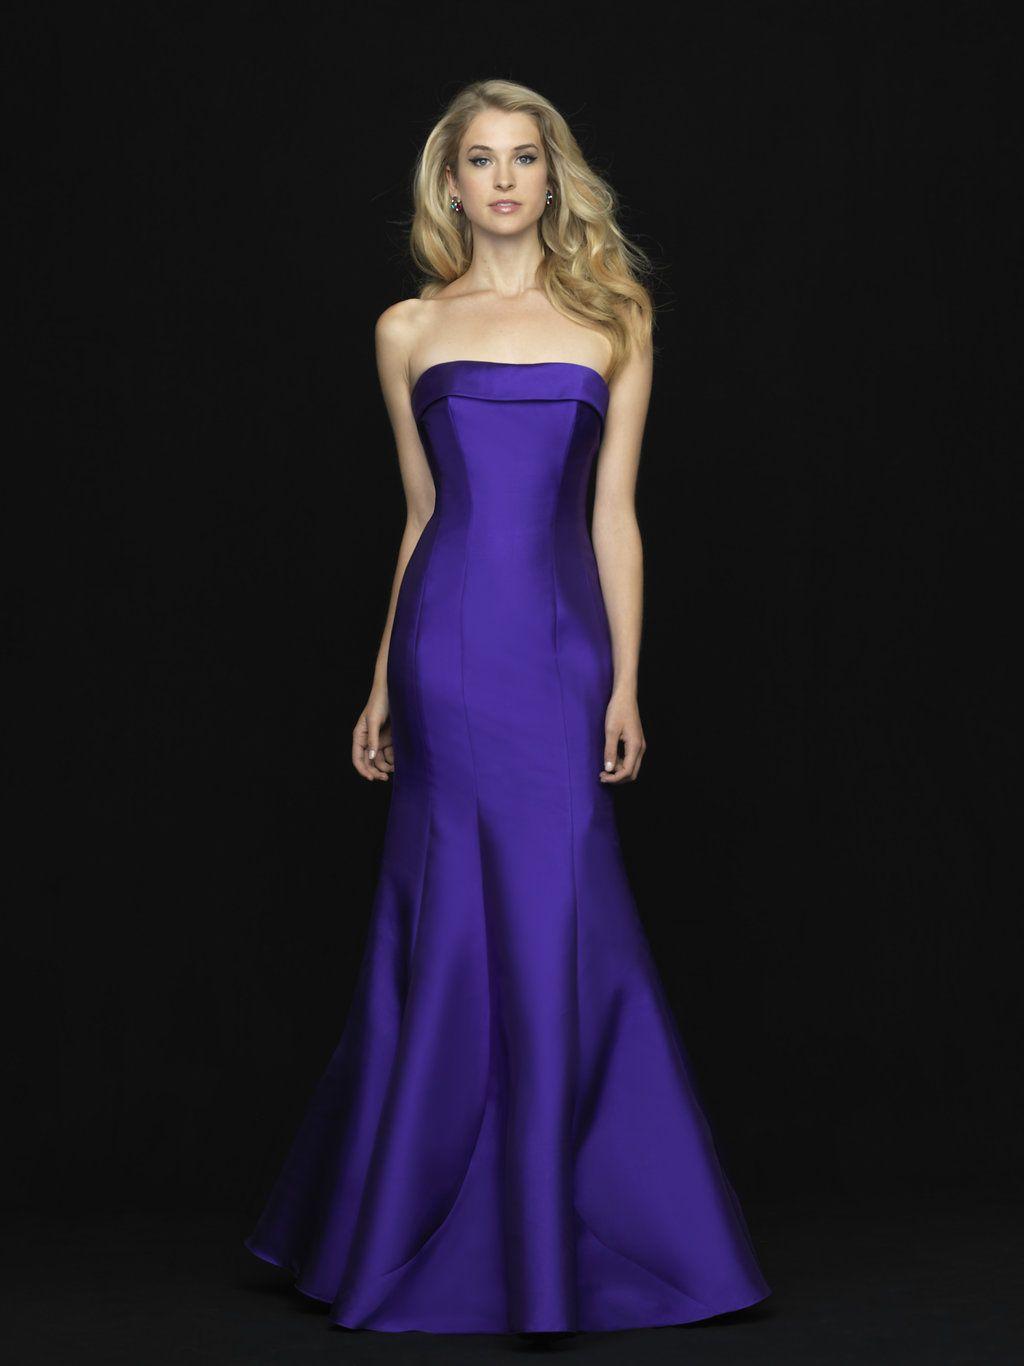 Pin de robin shull en Dresses like a girl | Pinterest